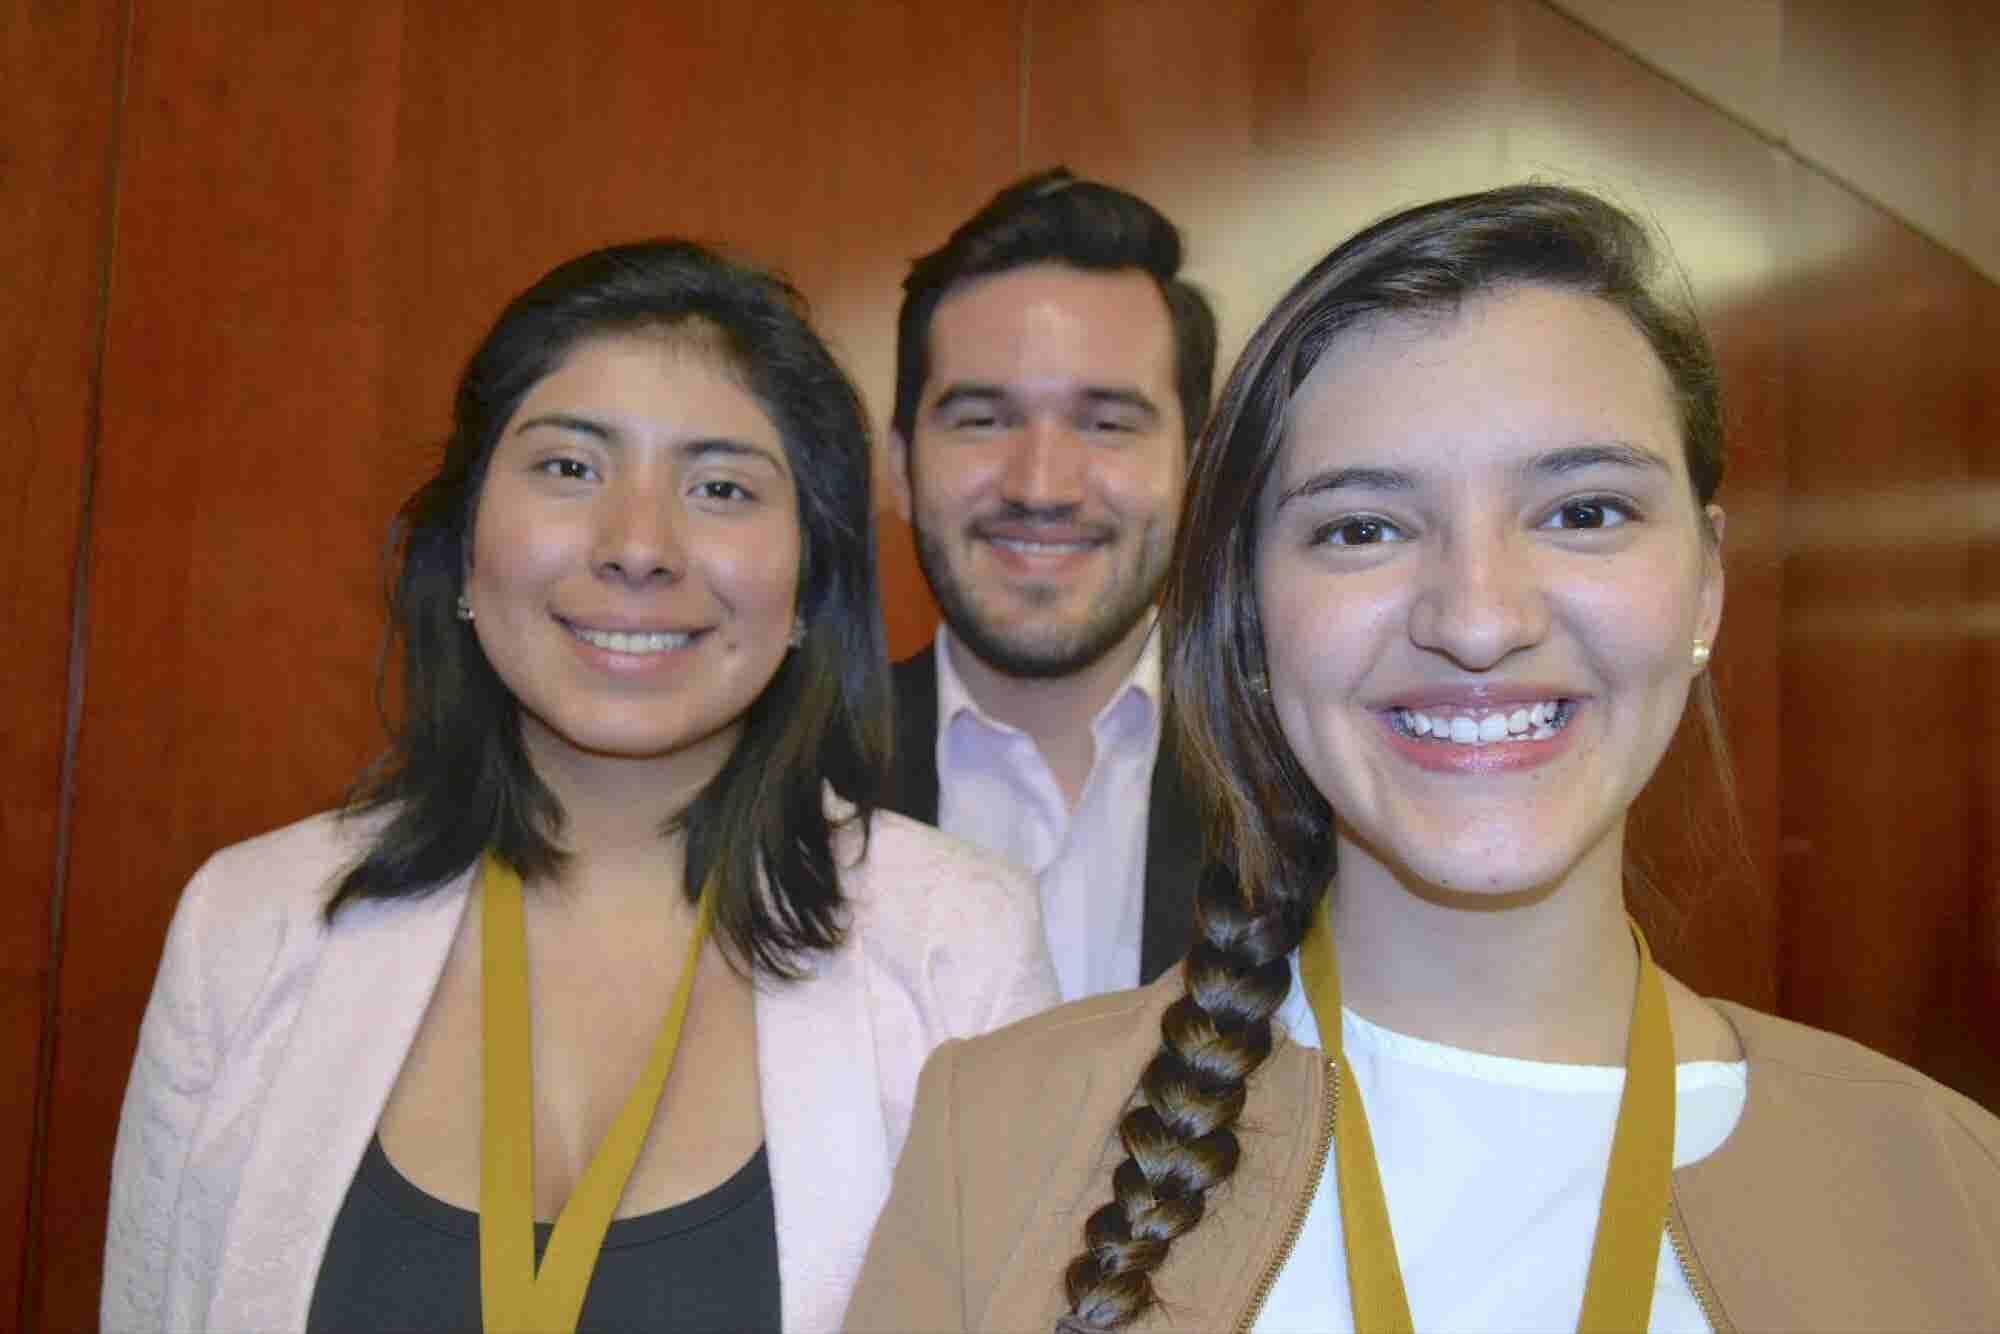 Los 3 jóvenes mexicanos que quieren ayudar a 10 millones de refugiados